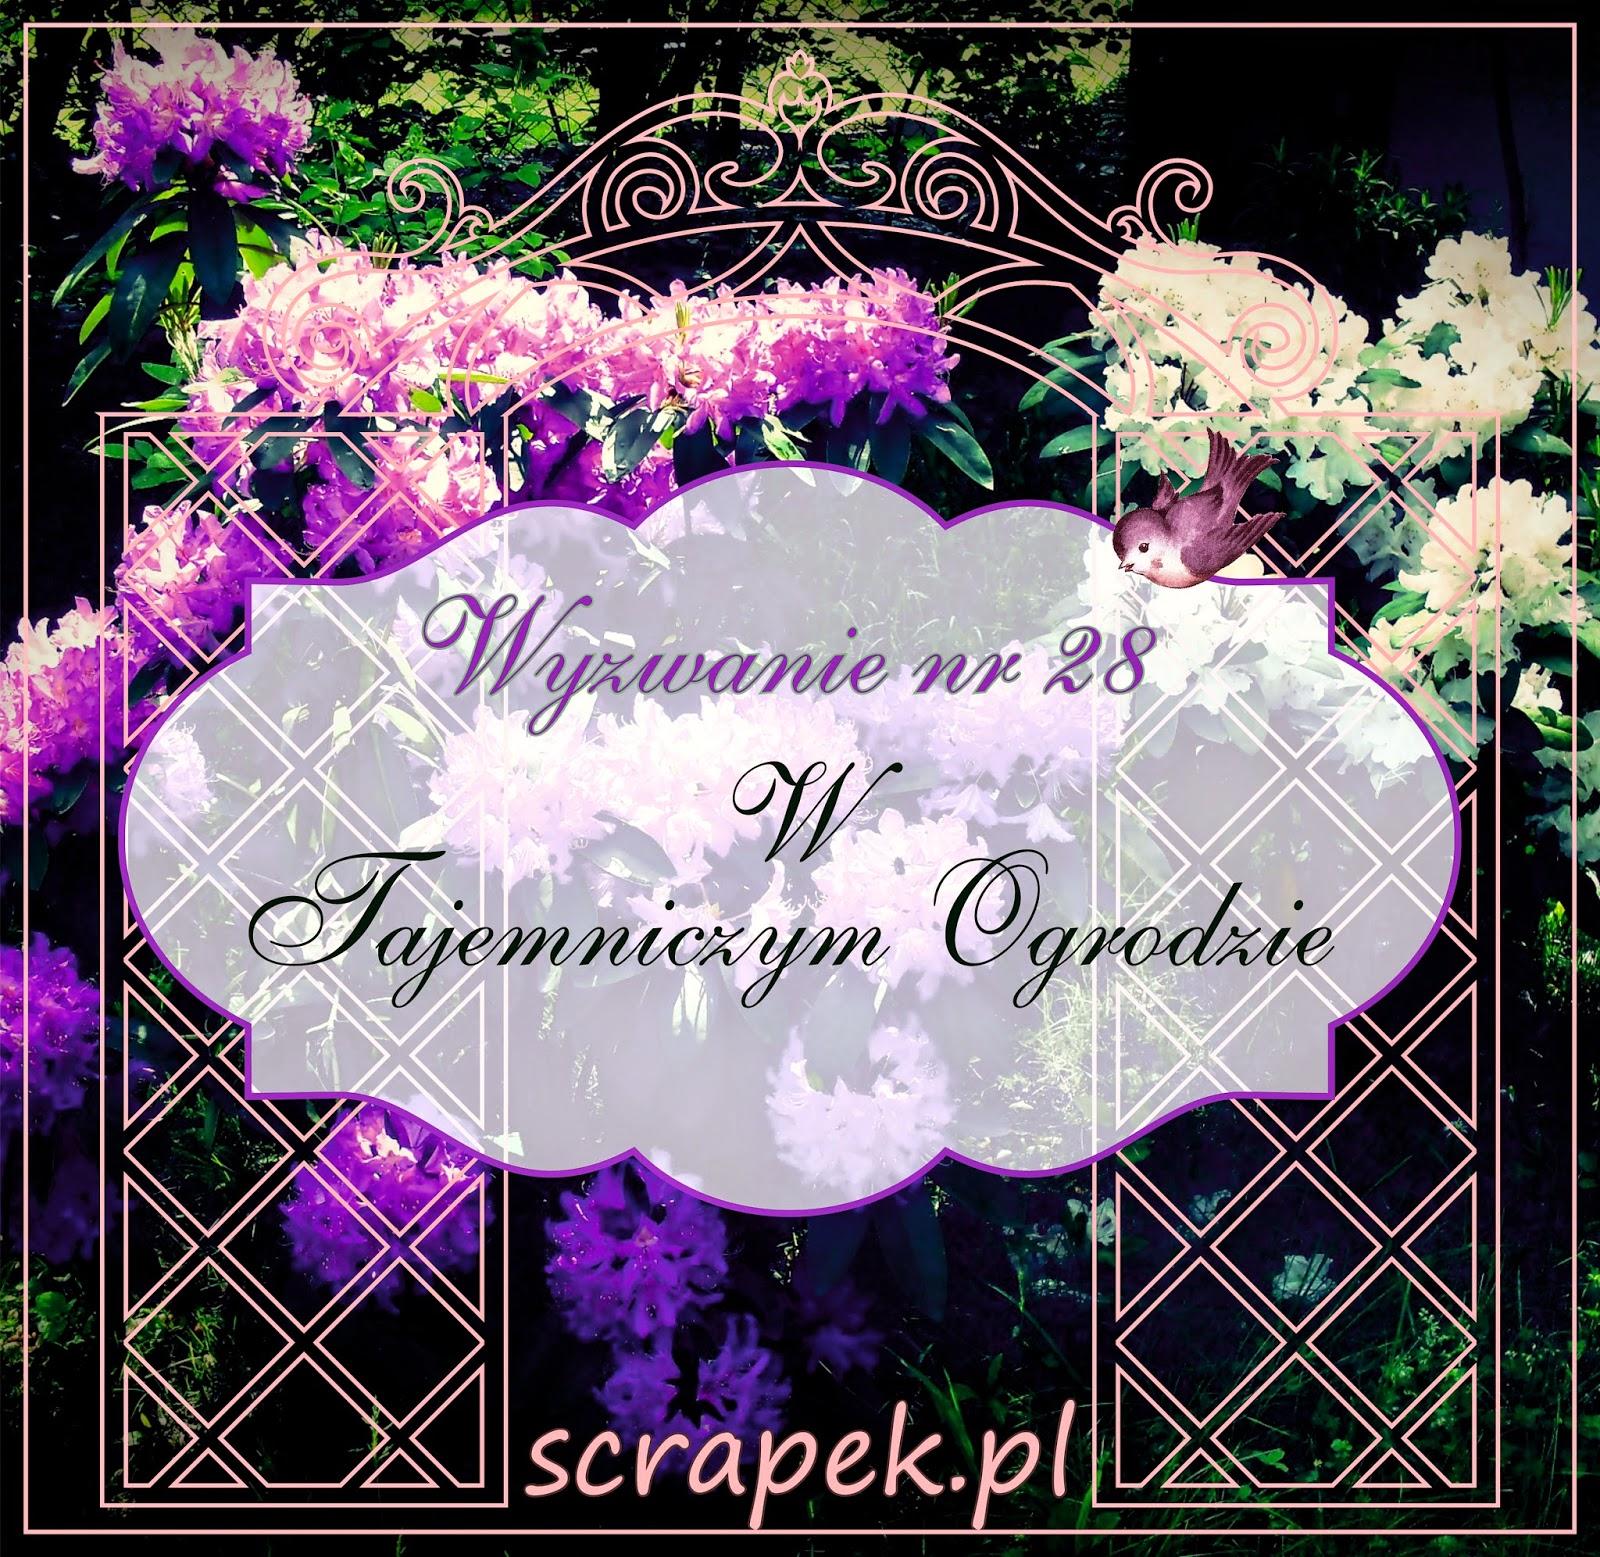 http://scrapek.blogspot.com/2014/06/czerwcowe-wyzwanie-nr-28-w-tajemniczym.html